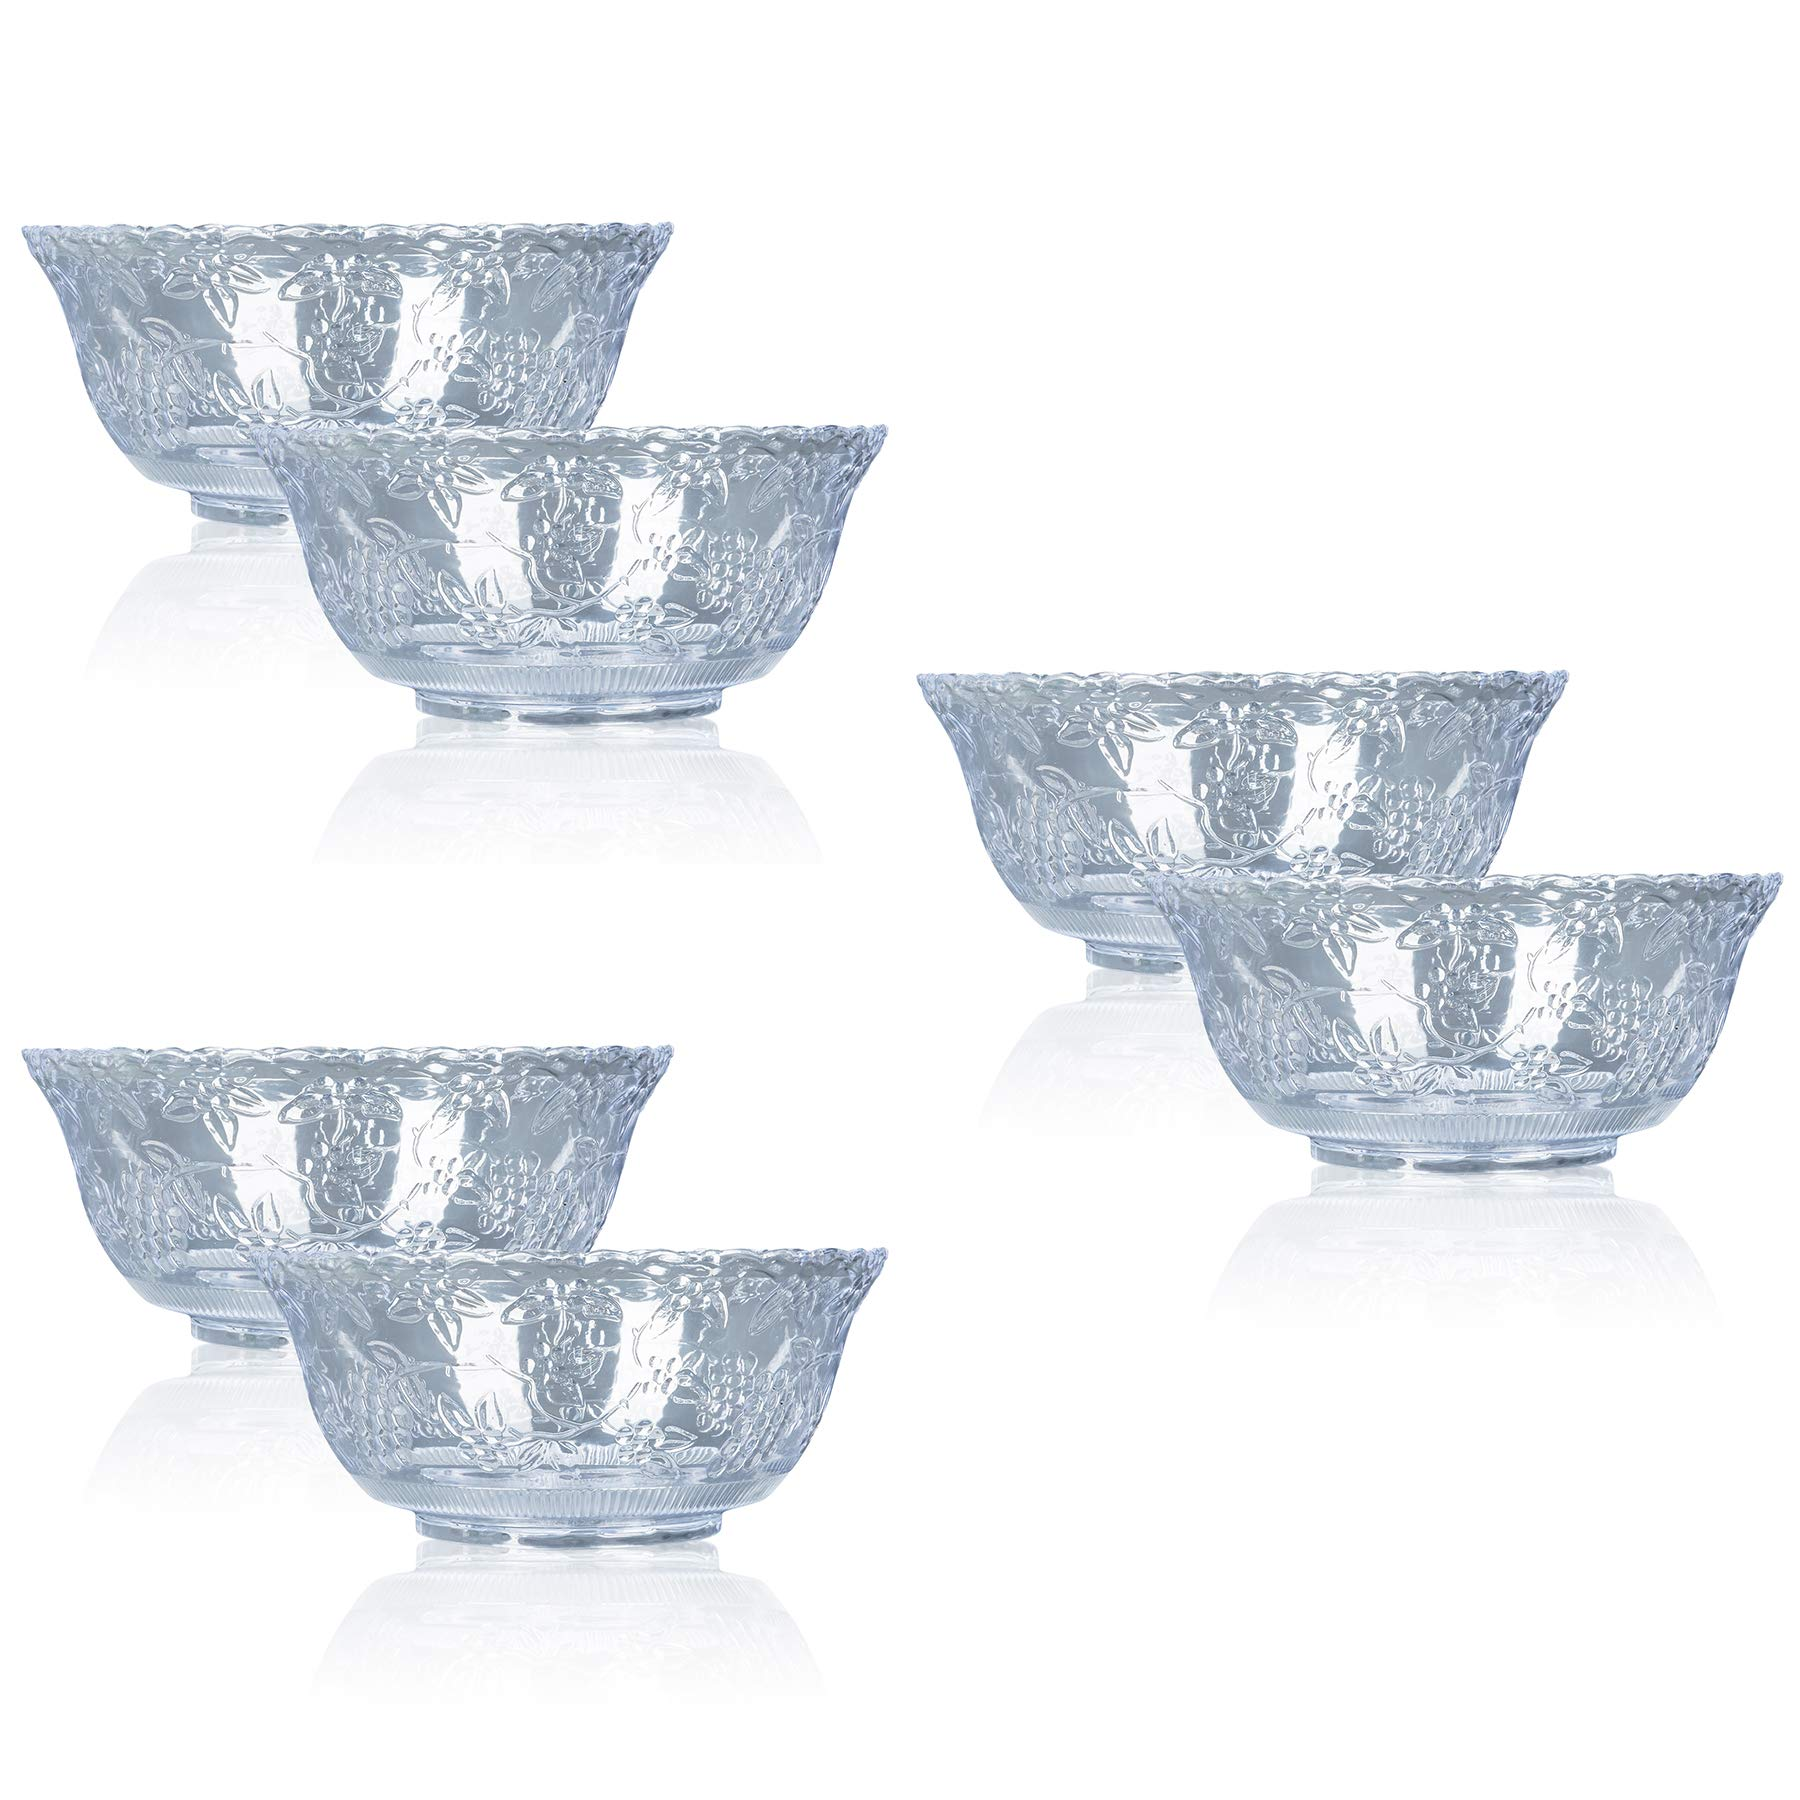 Professional Quality 8 Qt. Clear Plastic Punch Bowls - Set of 6